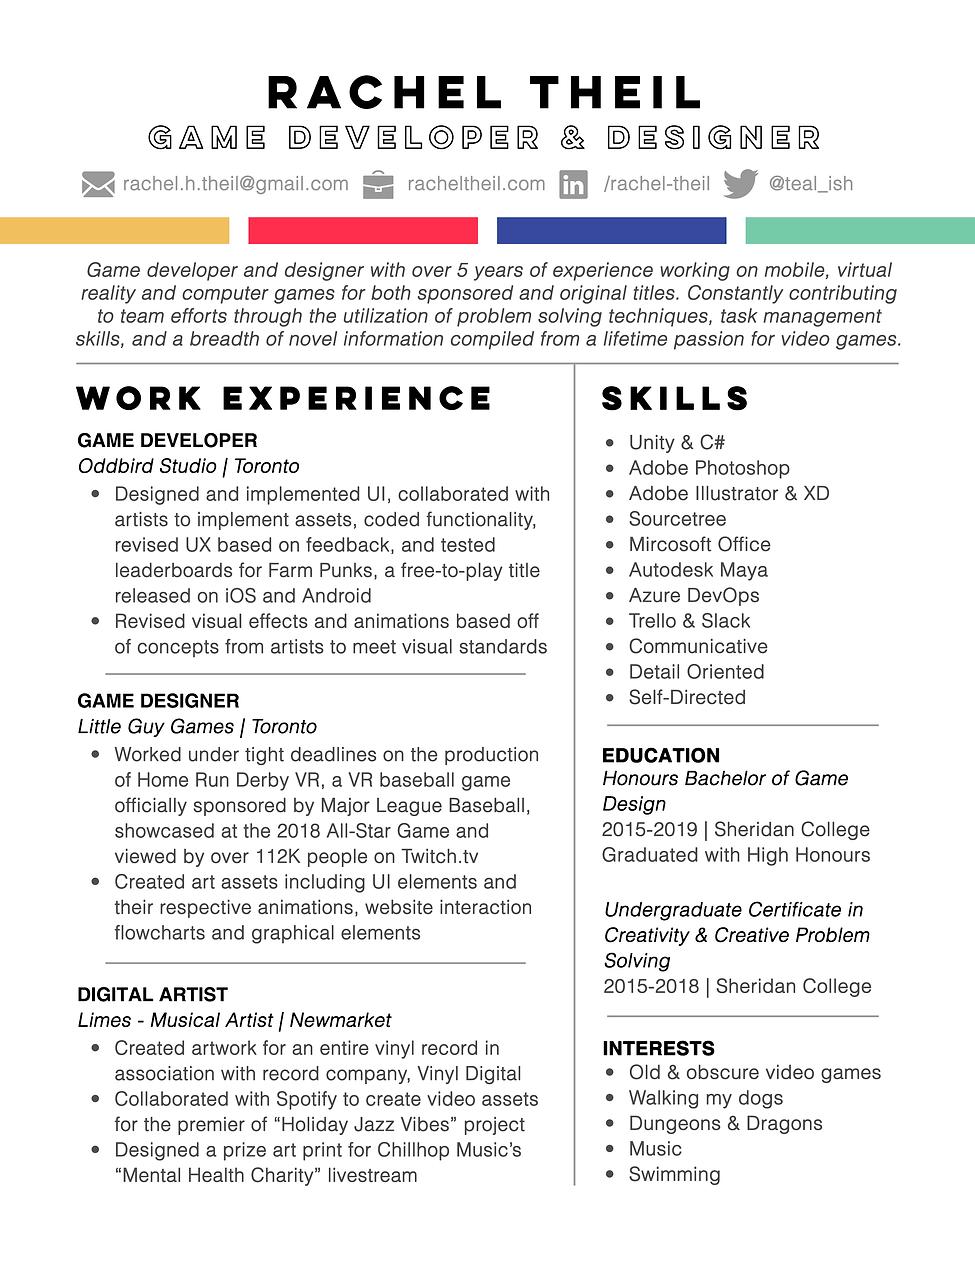 Game Developer & Designer Resume -  Rach